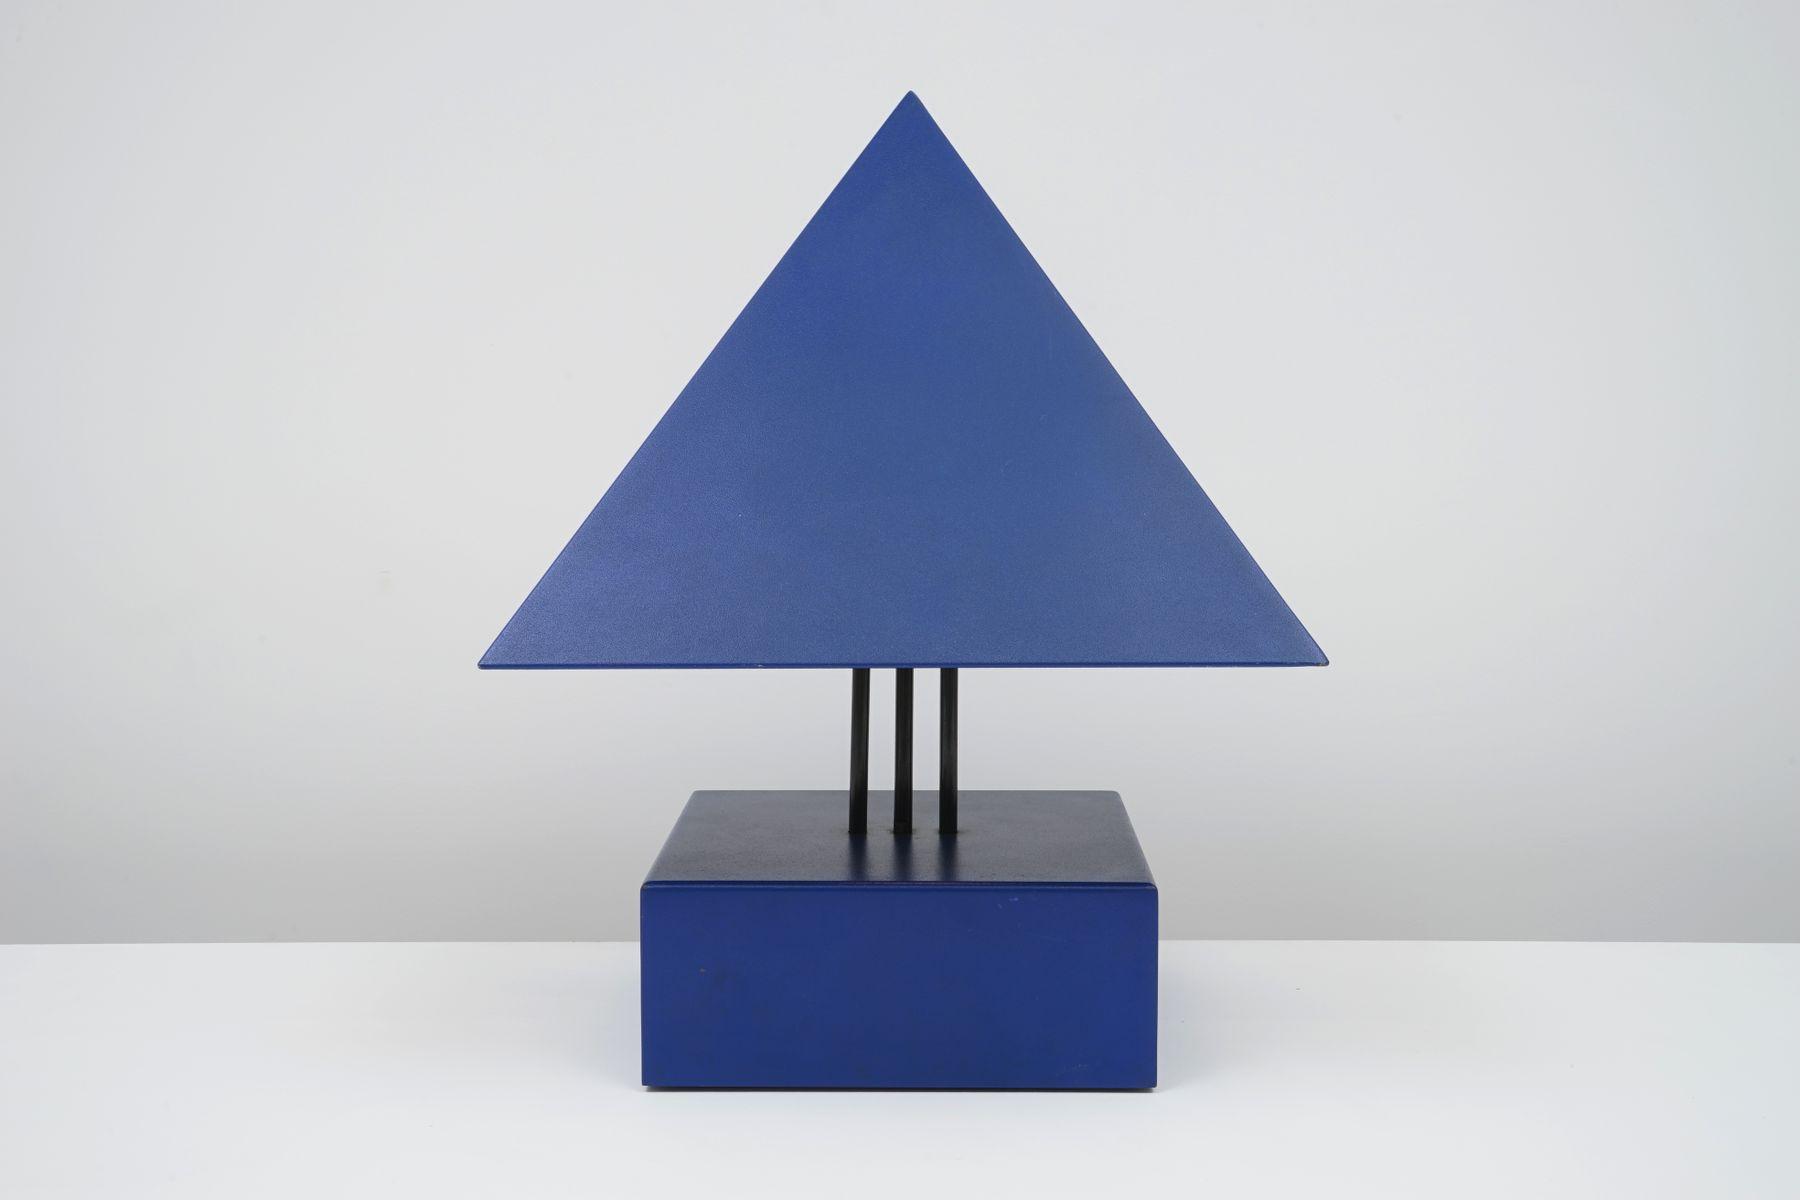 Tischlampe von Alain Letessier, 1987